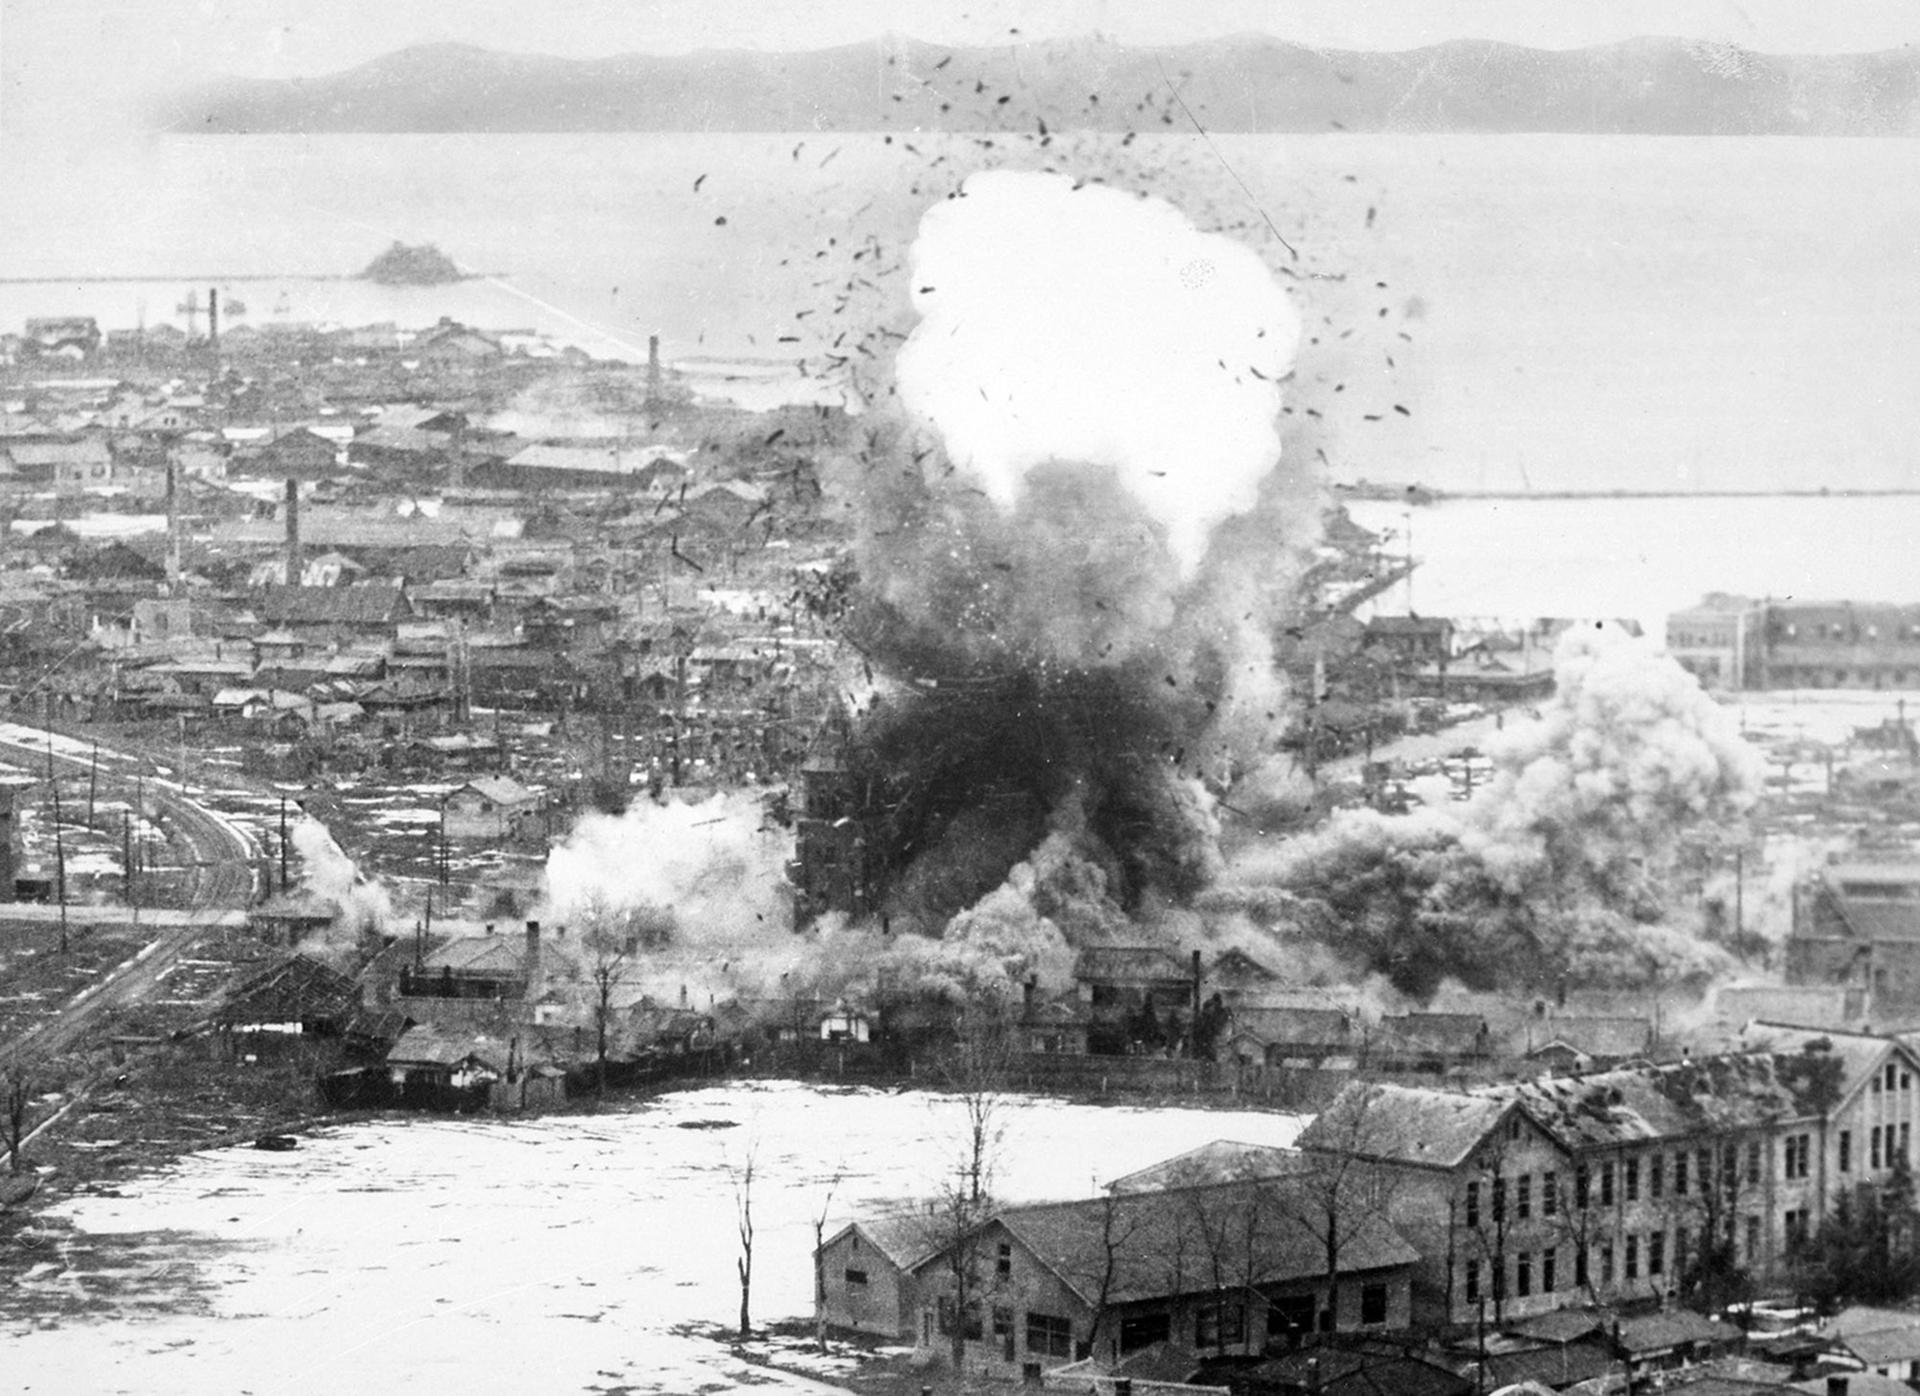 Almacenes de suministros e instalaciones portuarias bombardeados por aviones B-26. Wonsan, Corea del Norte, 1951 (USAF)